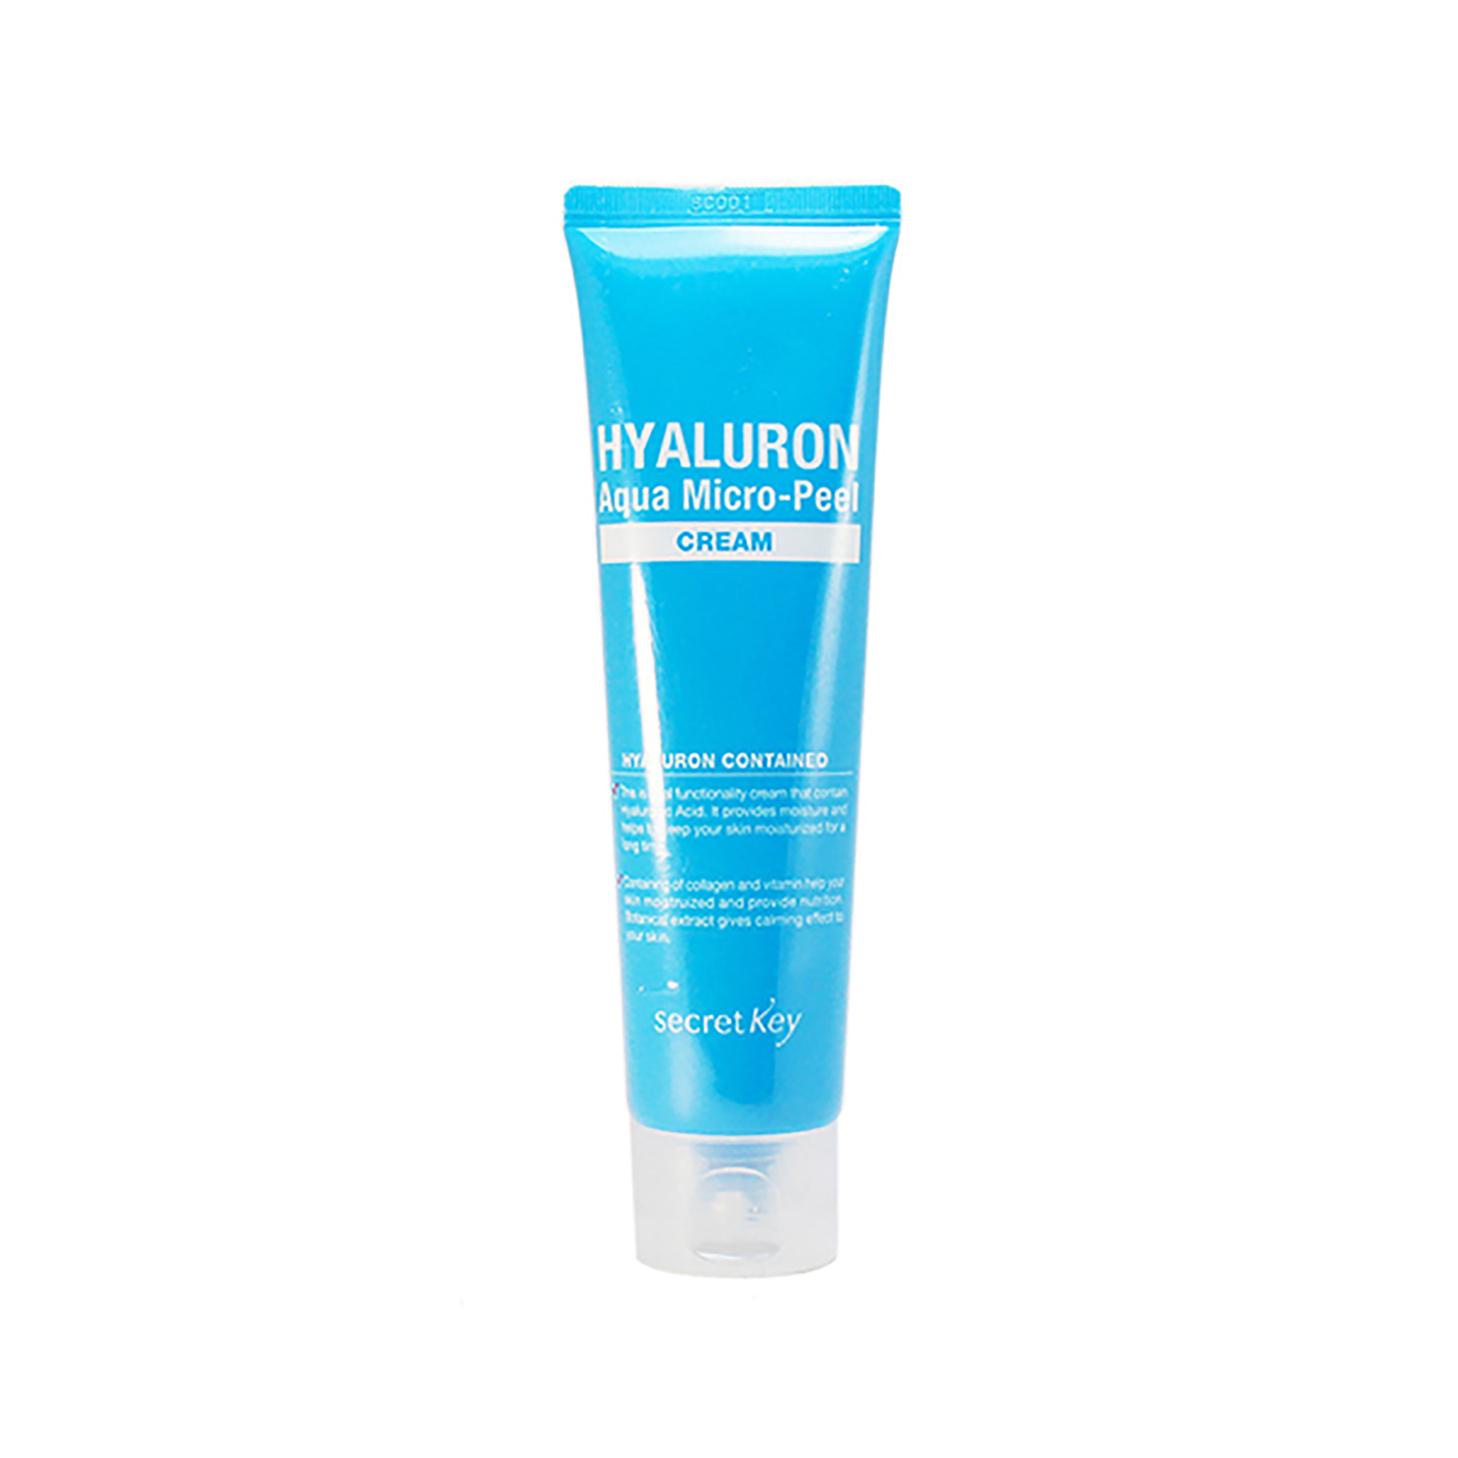 Secret Key Крем гиалуроновый Hyaluron Aqua Micro-Peel Cream, 70 гS582Гиалуроновый крем обеспечивает продолжительное увлажнение, улучшает микроциркуляцию, делает кожу гладкой и упругой. Ниацинамид и аденозин, входящие в состав крема, отбеливают кожу и помогают бороться с морщинами. Крем обладает выраженными увлажняющими свойствами и создан специально для ежедневного ухода за вашей кожей. Объем: 70 гр